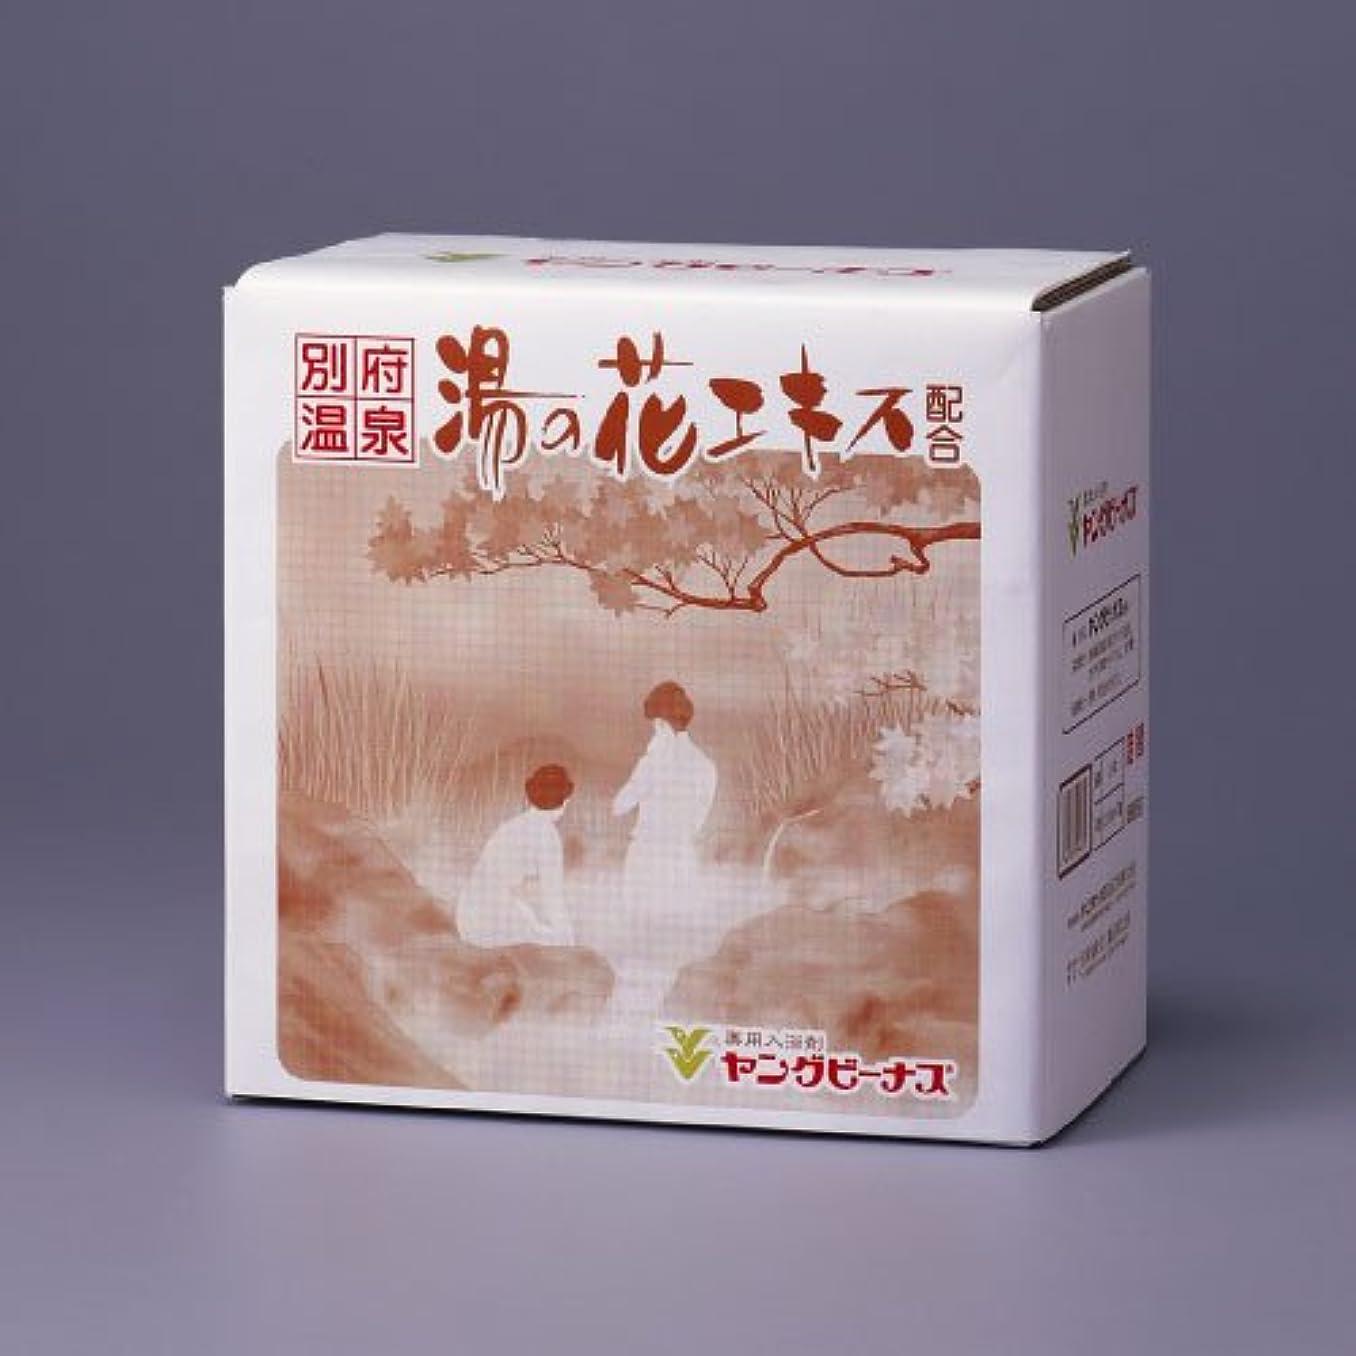 十分です意志に反するピンポイント薬用入浴剤ヤングビーナスSv C-60【5.6kg】(詰替2.8kg2袋) [医薬部外品]